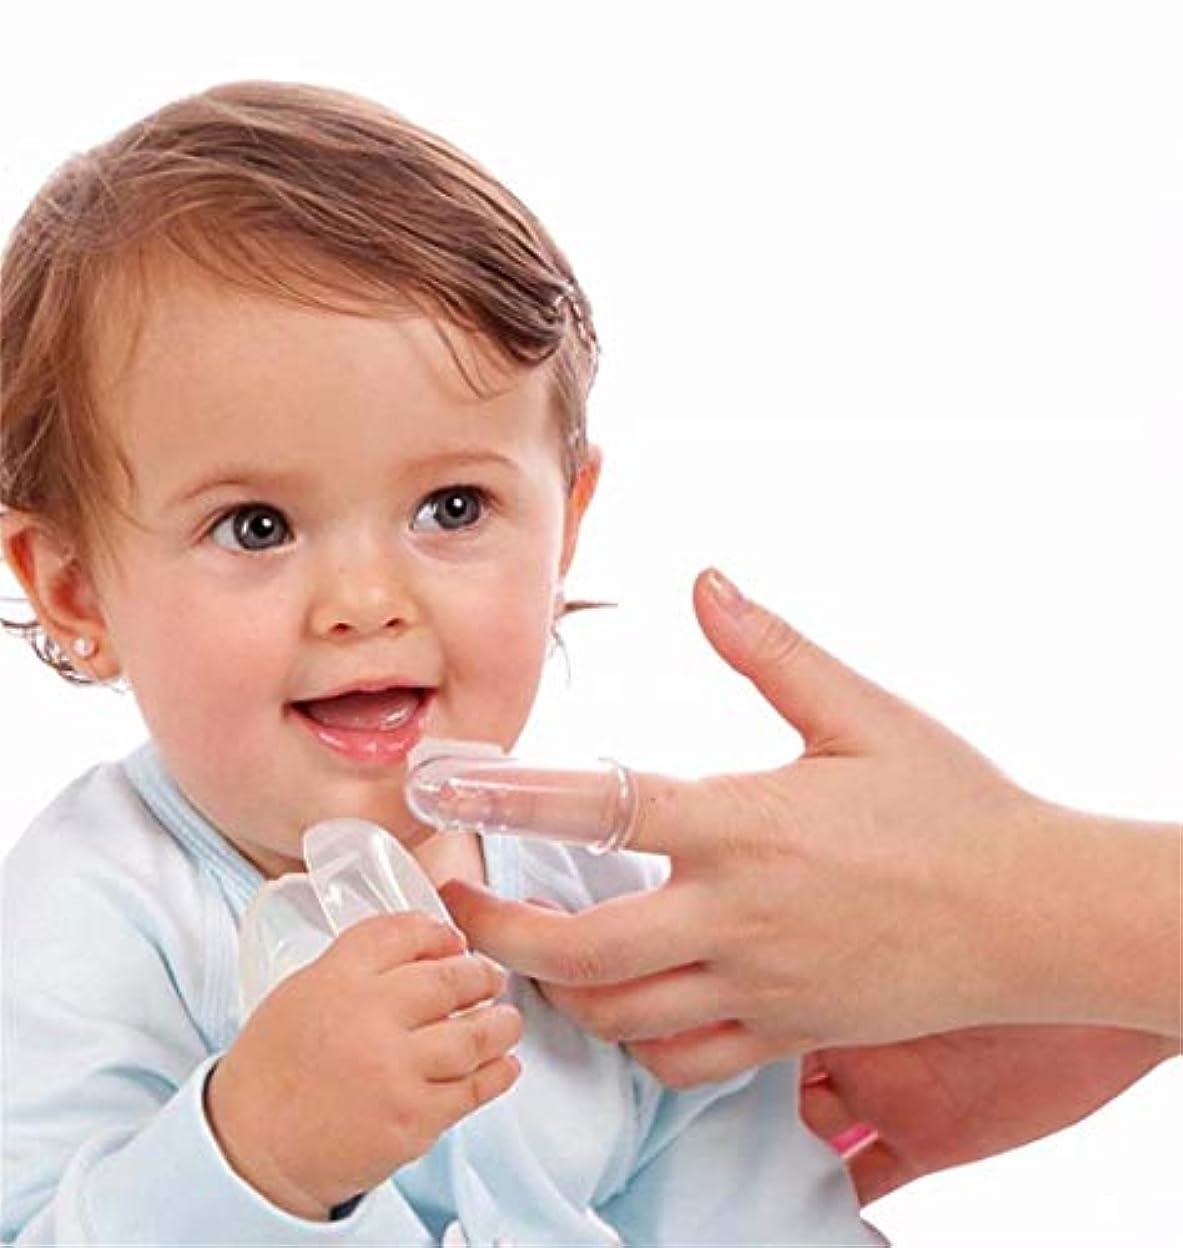 ミシン逆に溶ける七里の香 ベビー指歯ブラシ、乳児幼児子供用シリコーンソフトオーラルマッサージャージェントルケア